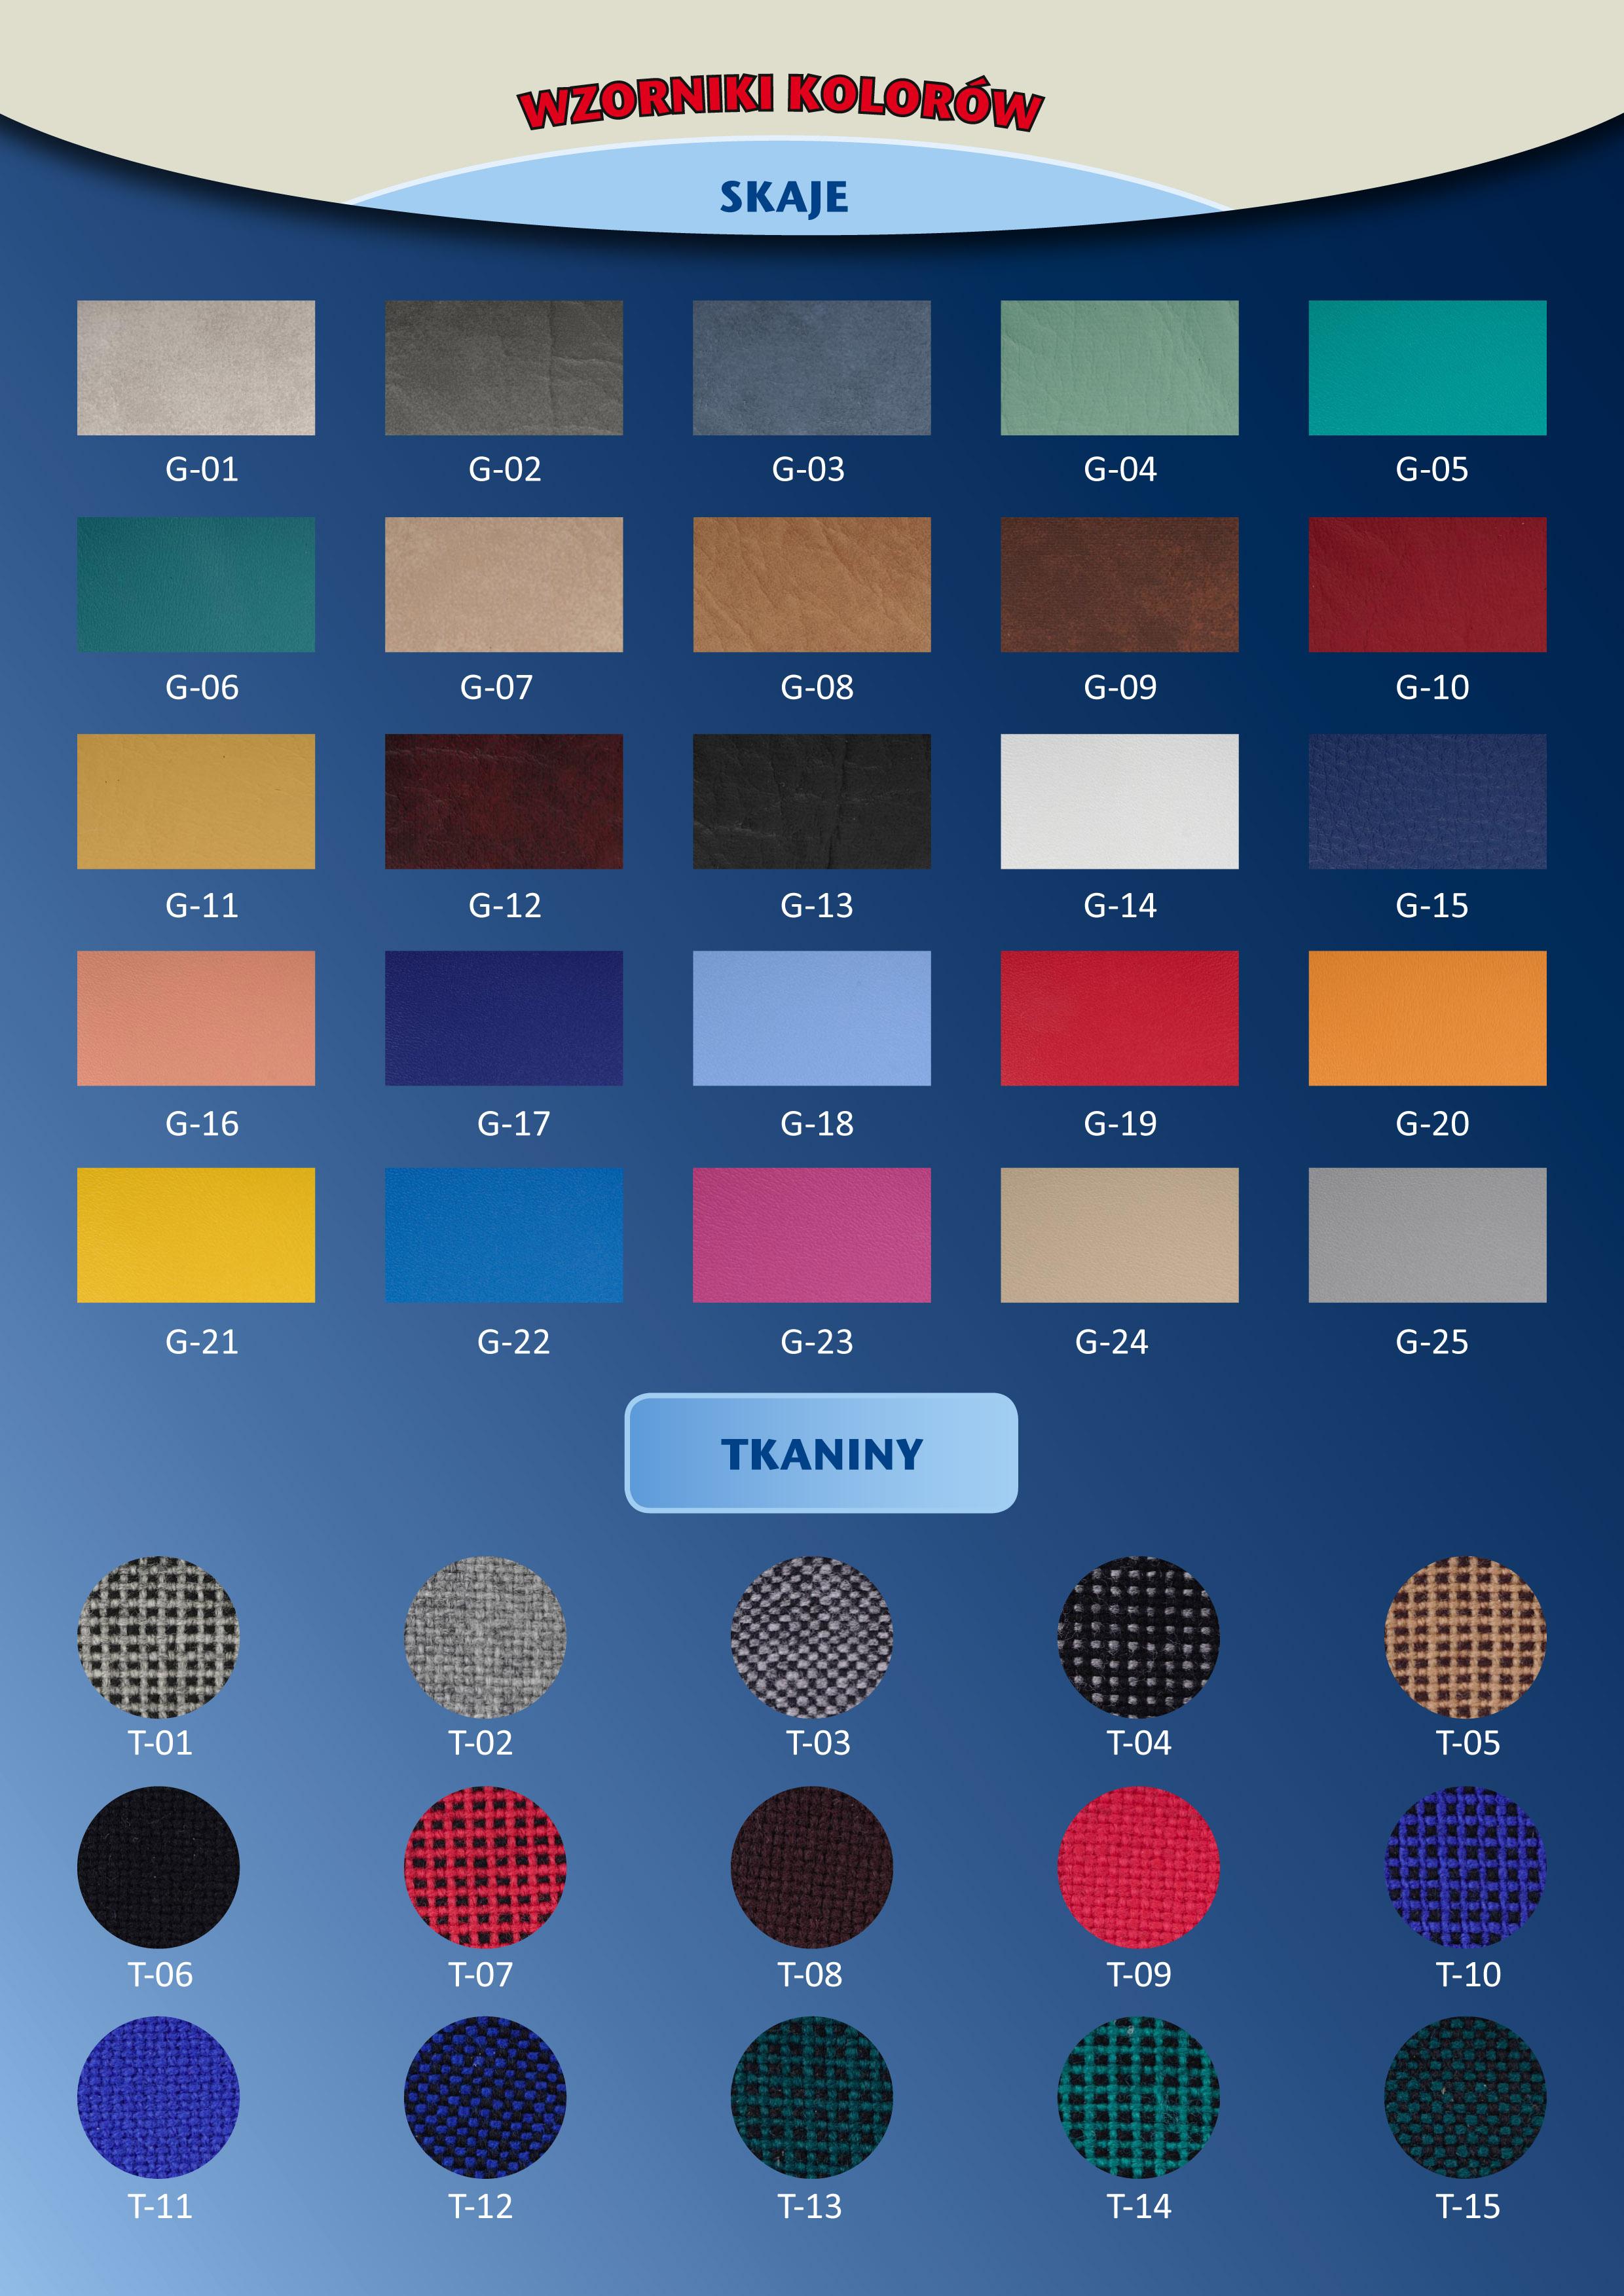 wzornik kolorów stołków SGK